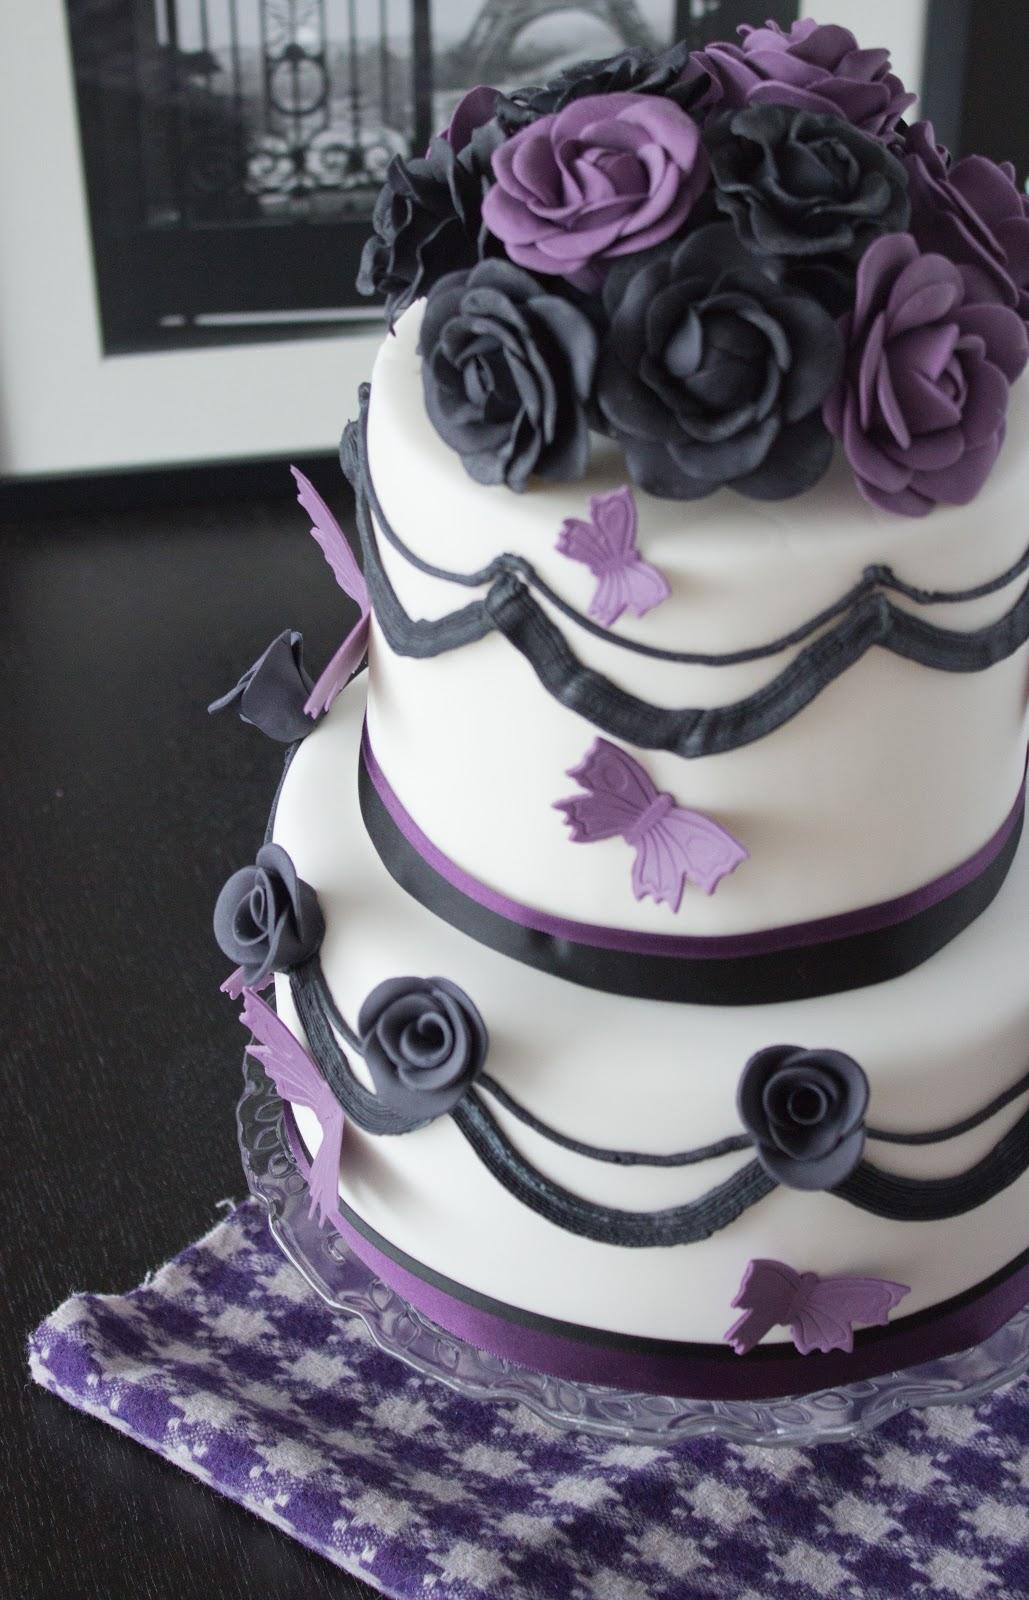 Eschhornchen Hochzeitstorte In Schwarz Lila